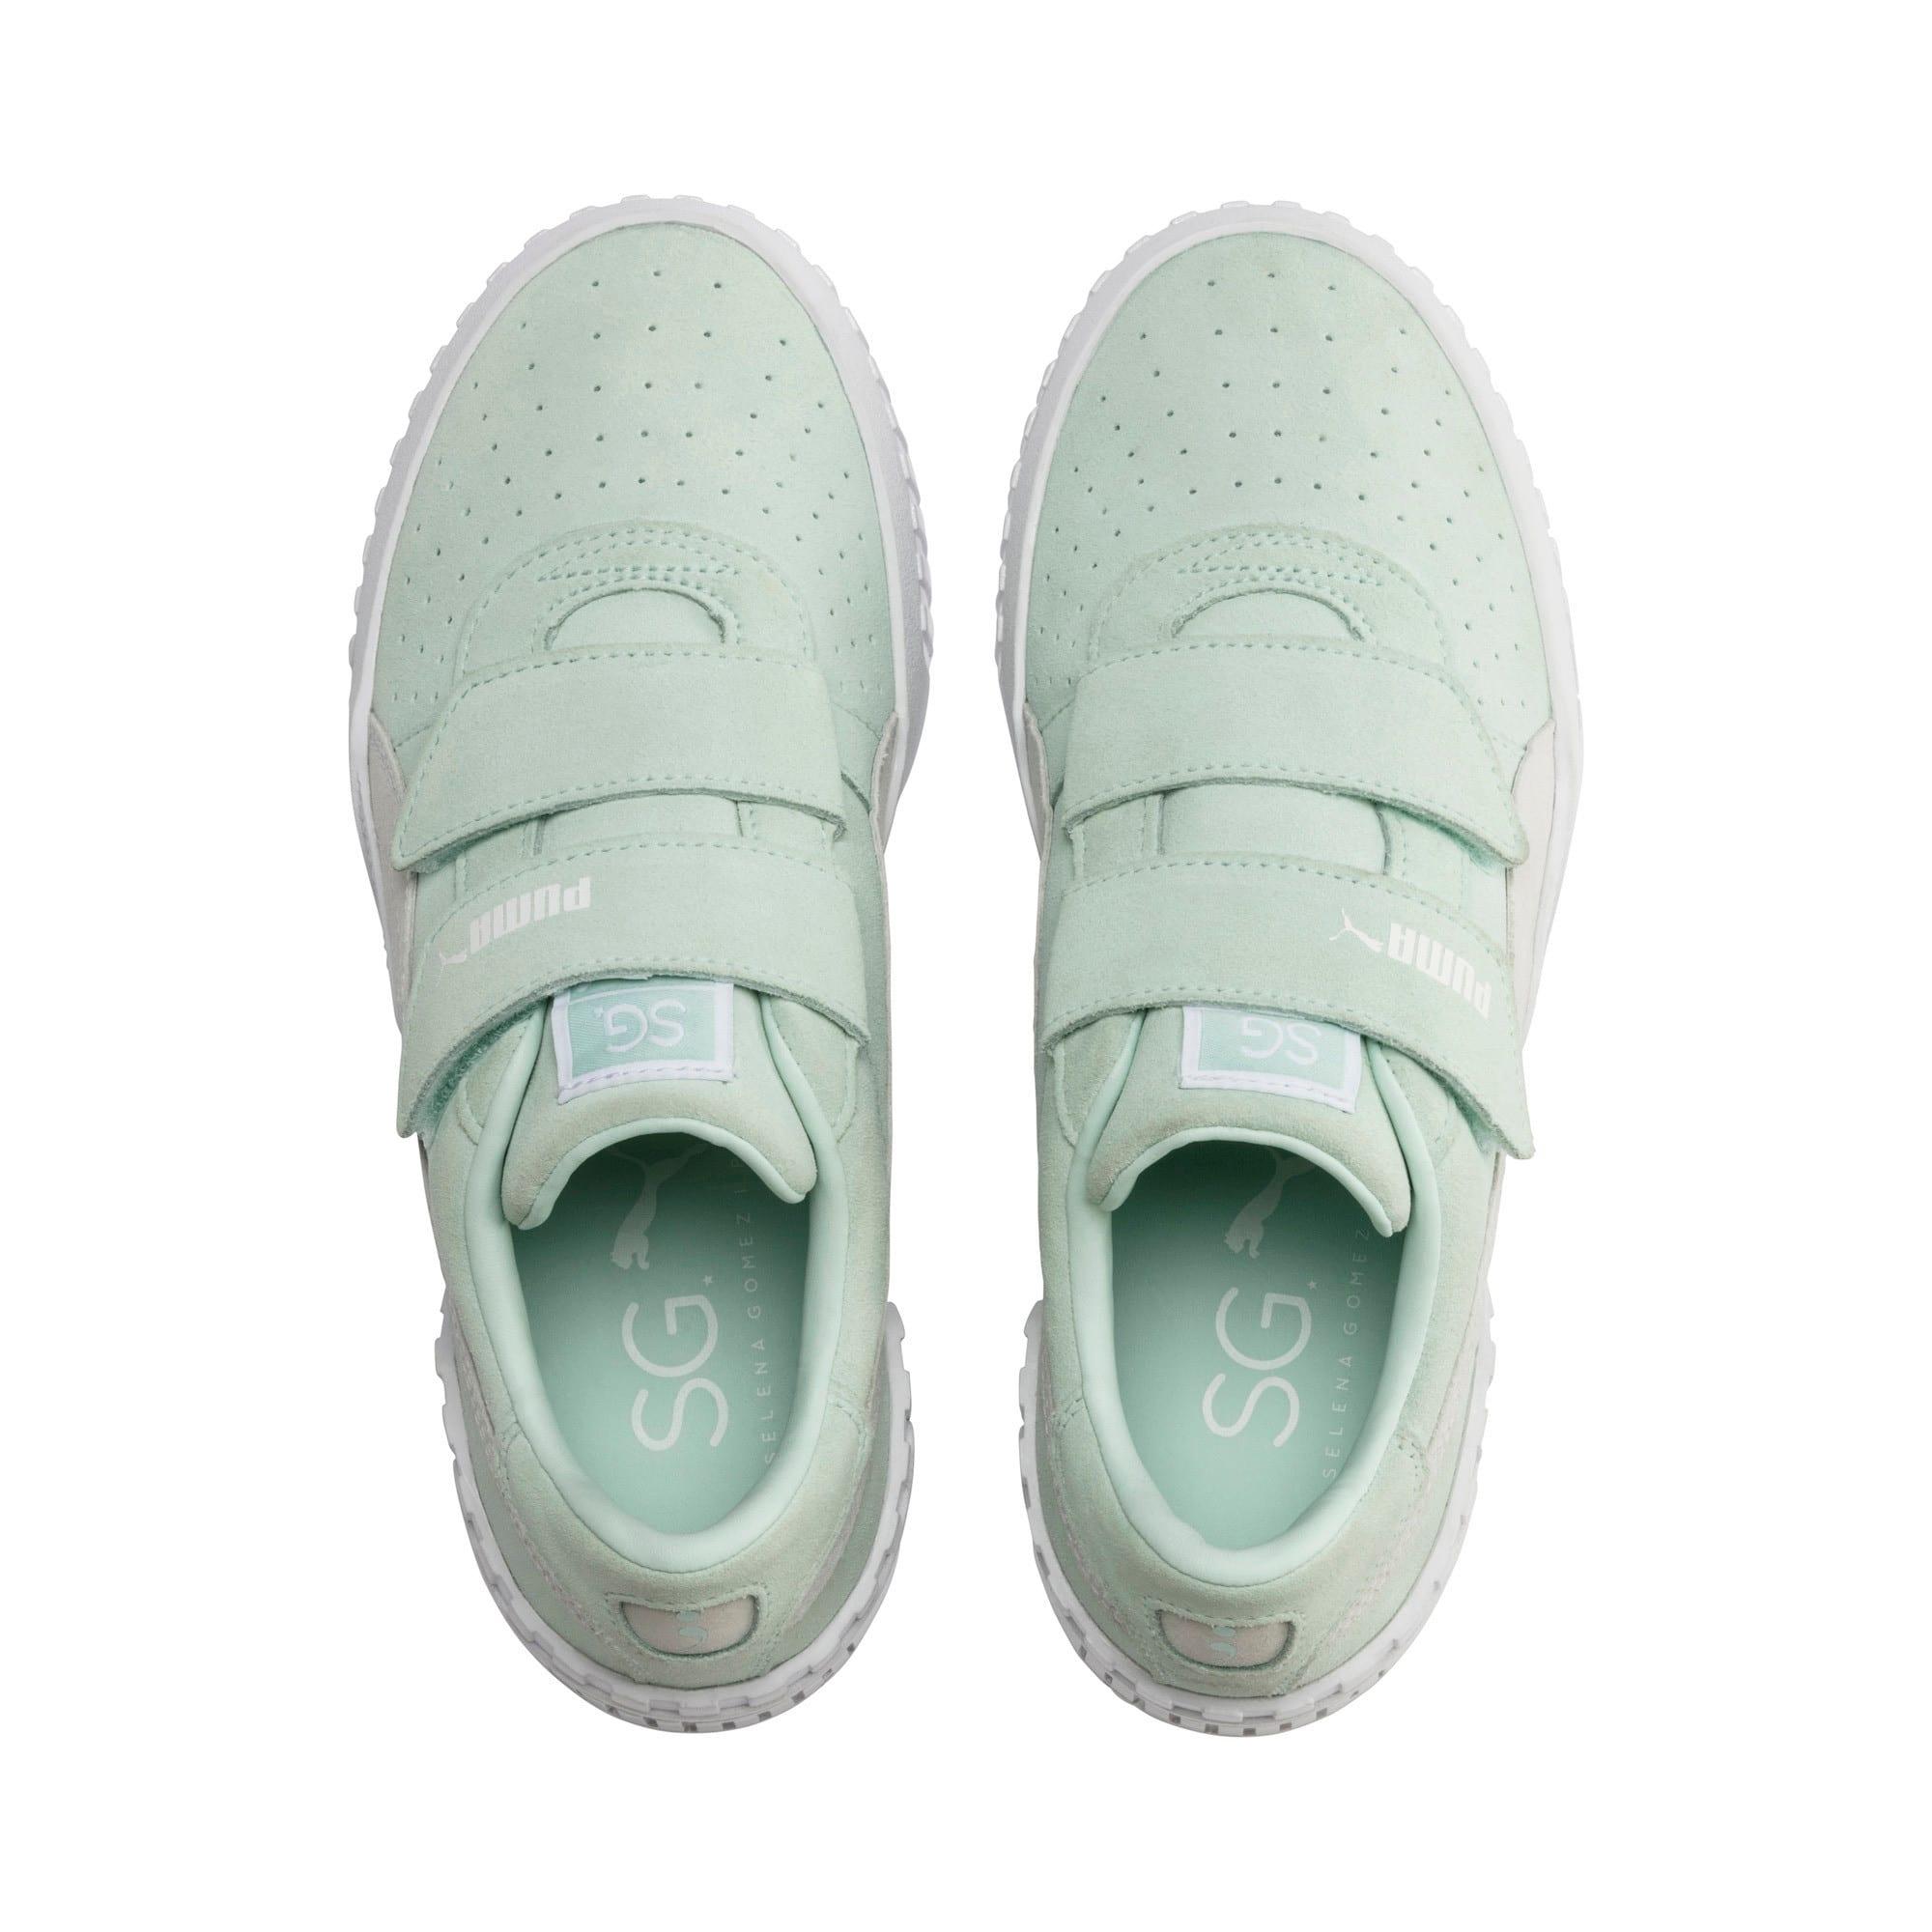 Imagen en miniatura 7 de Zapatillas de mujer Cali PUMA x SELENA GOMEZ, Fair Aqua-Puma White, mediana